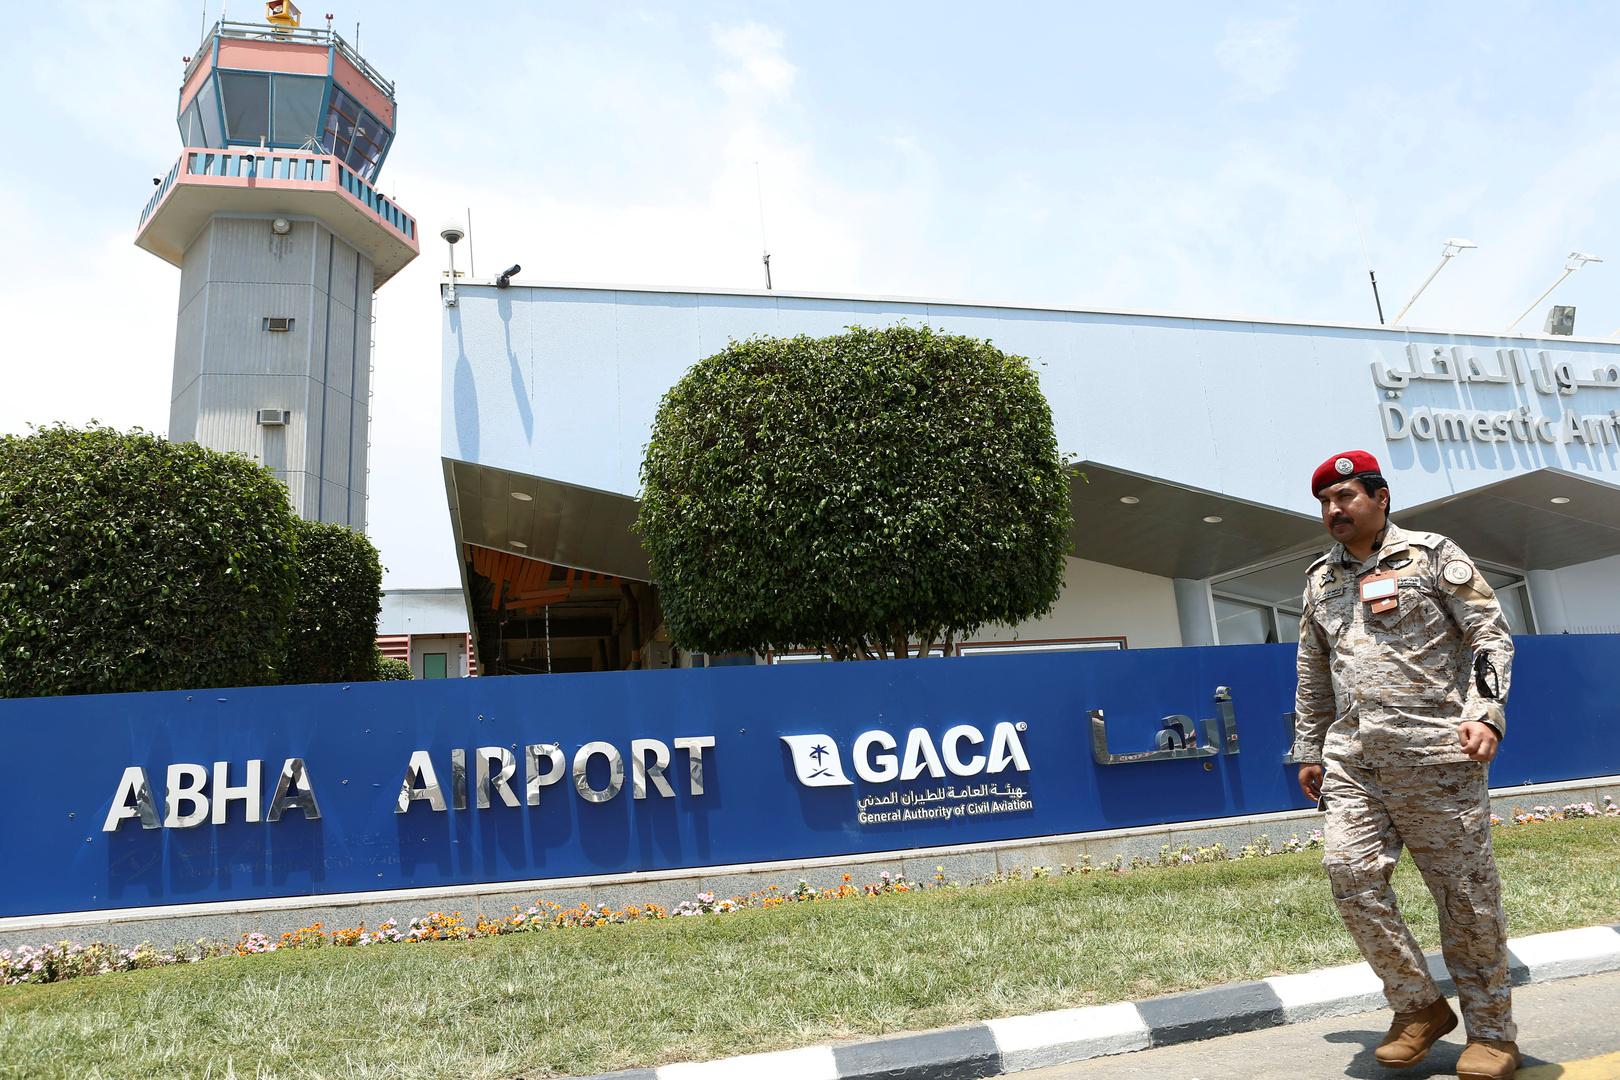 الحوثيون يعلنون عن قصفهم مطار أبها في السعودية للمرة الرابعة خلال أسبوع